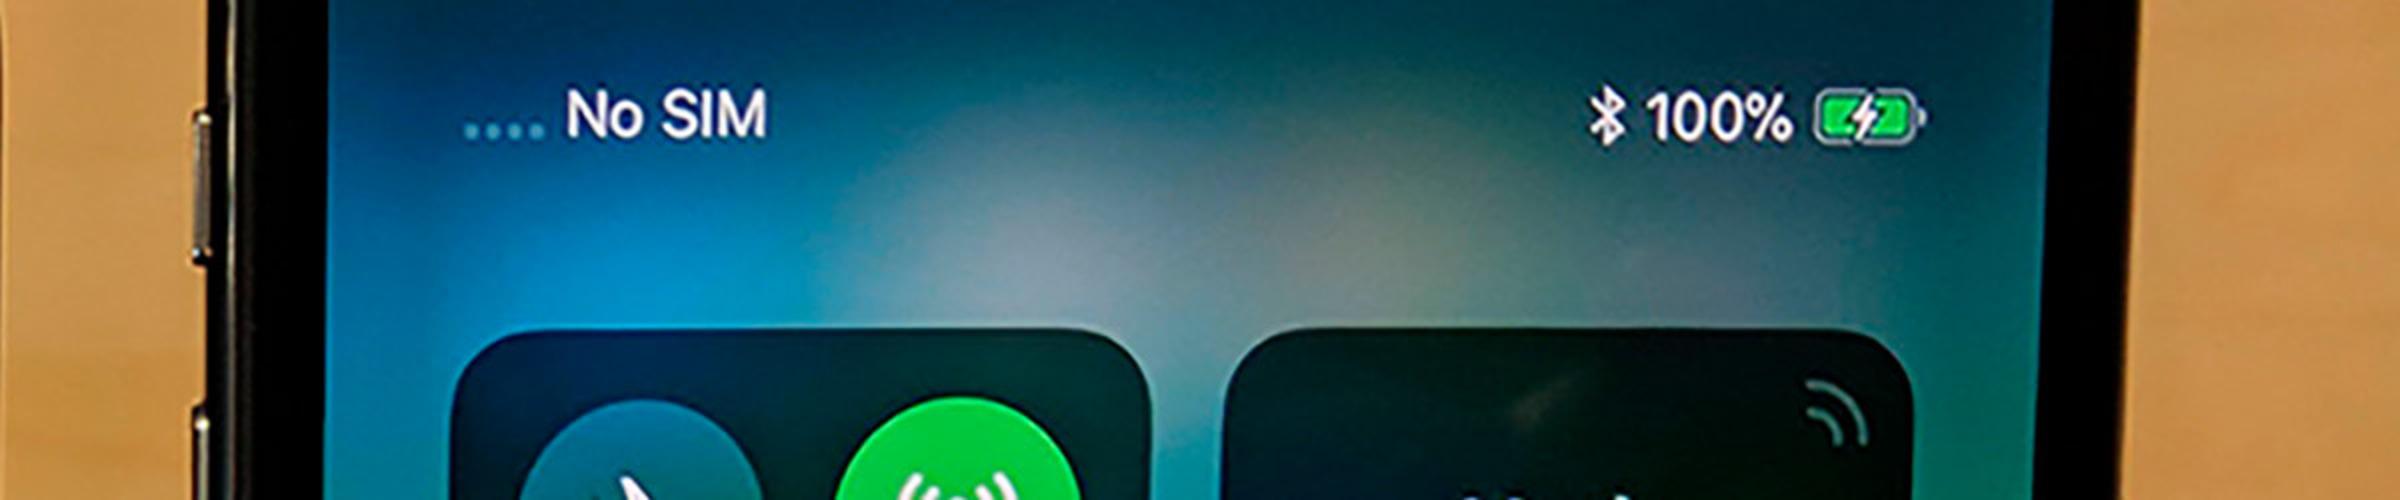 Заряд в процентах на iPhone X